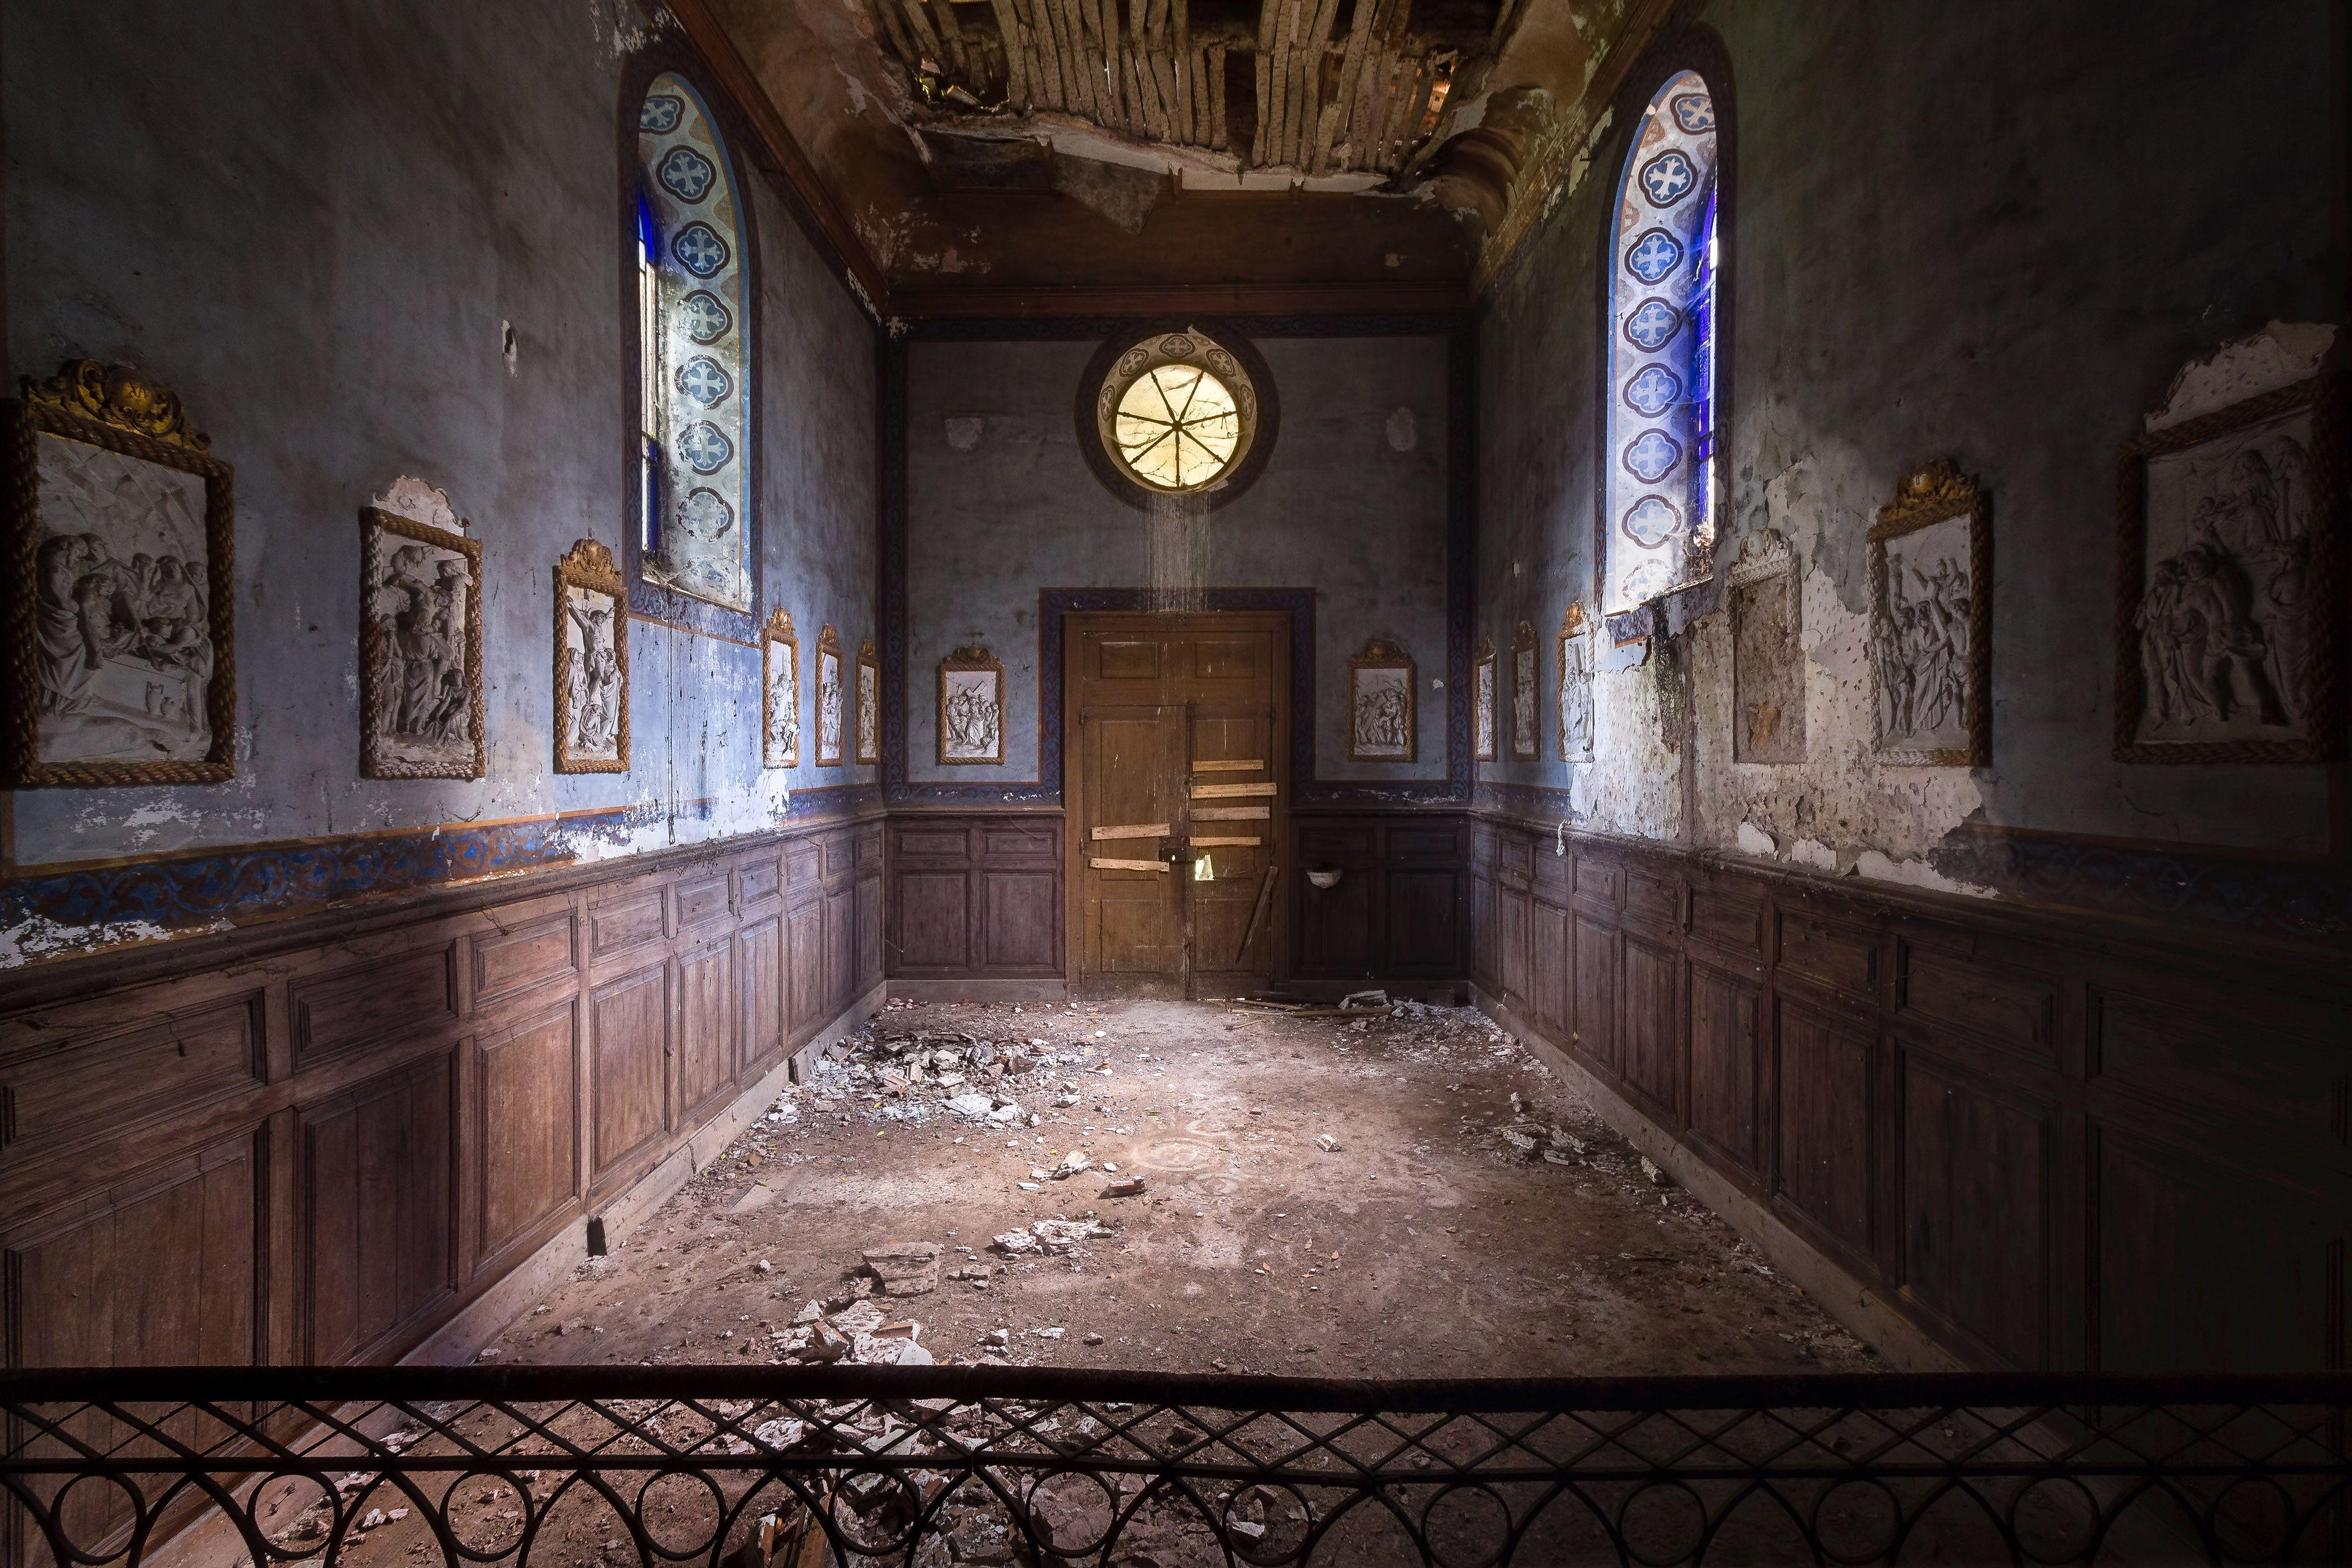 Abandoned Church 10 abandoned church photos - abandoned places